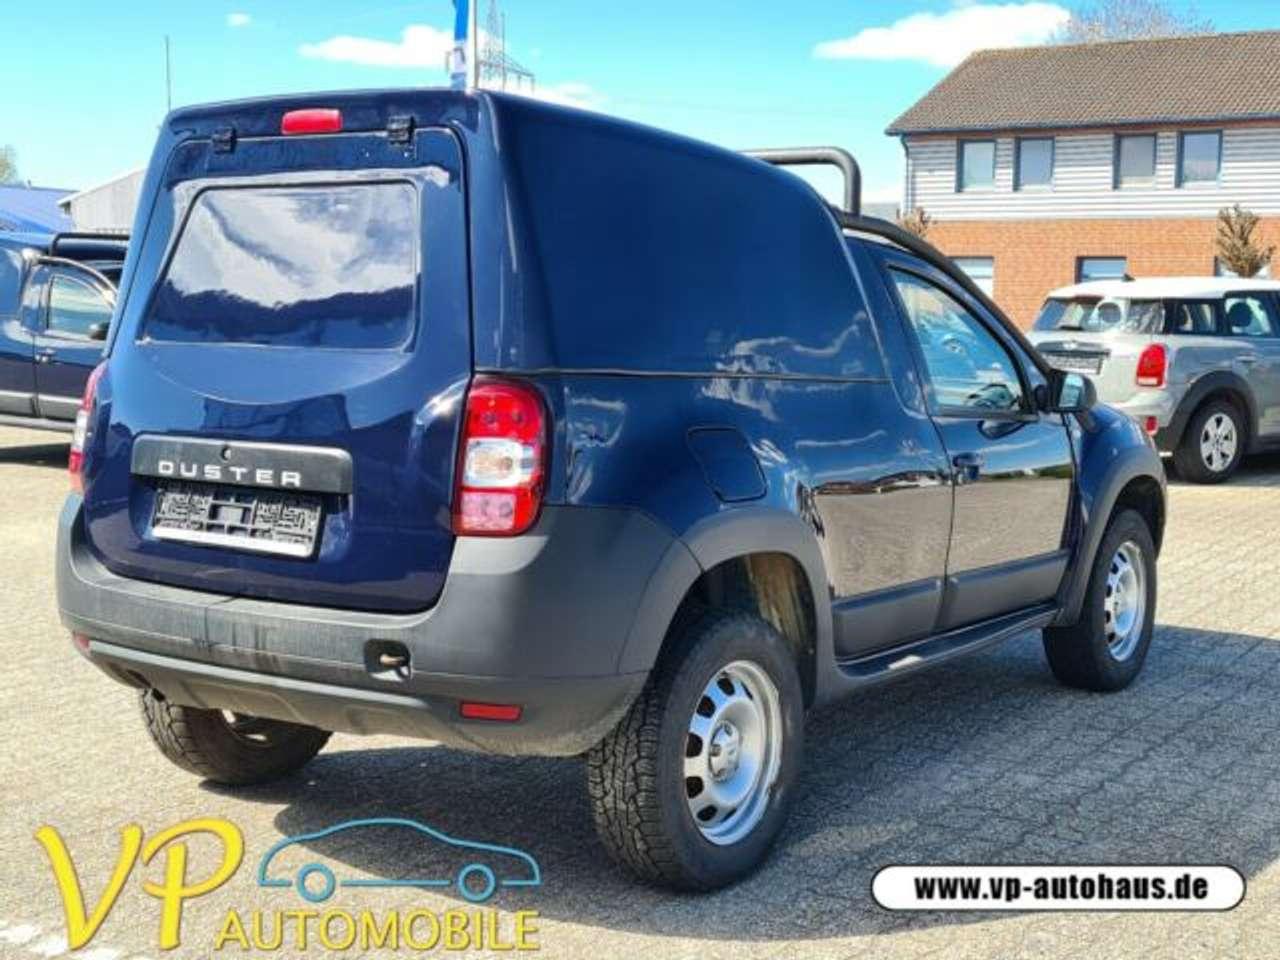 Autos nach Dacia Duster